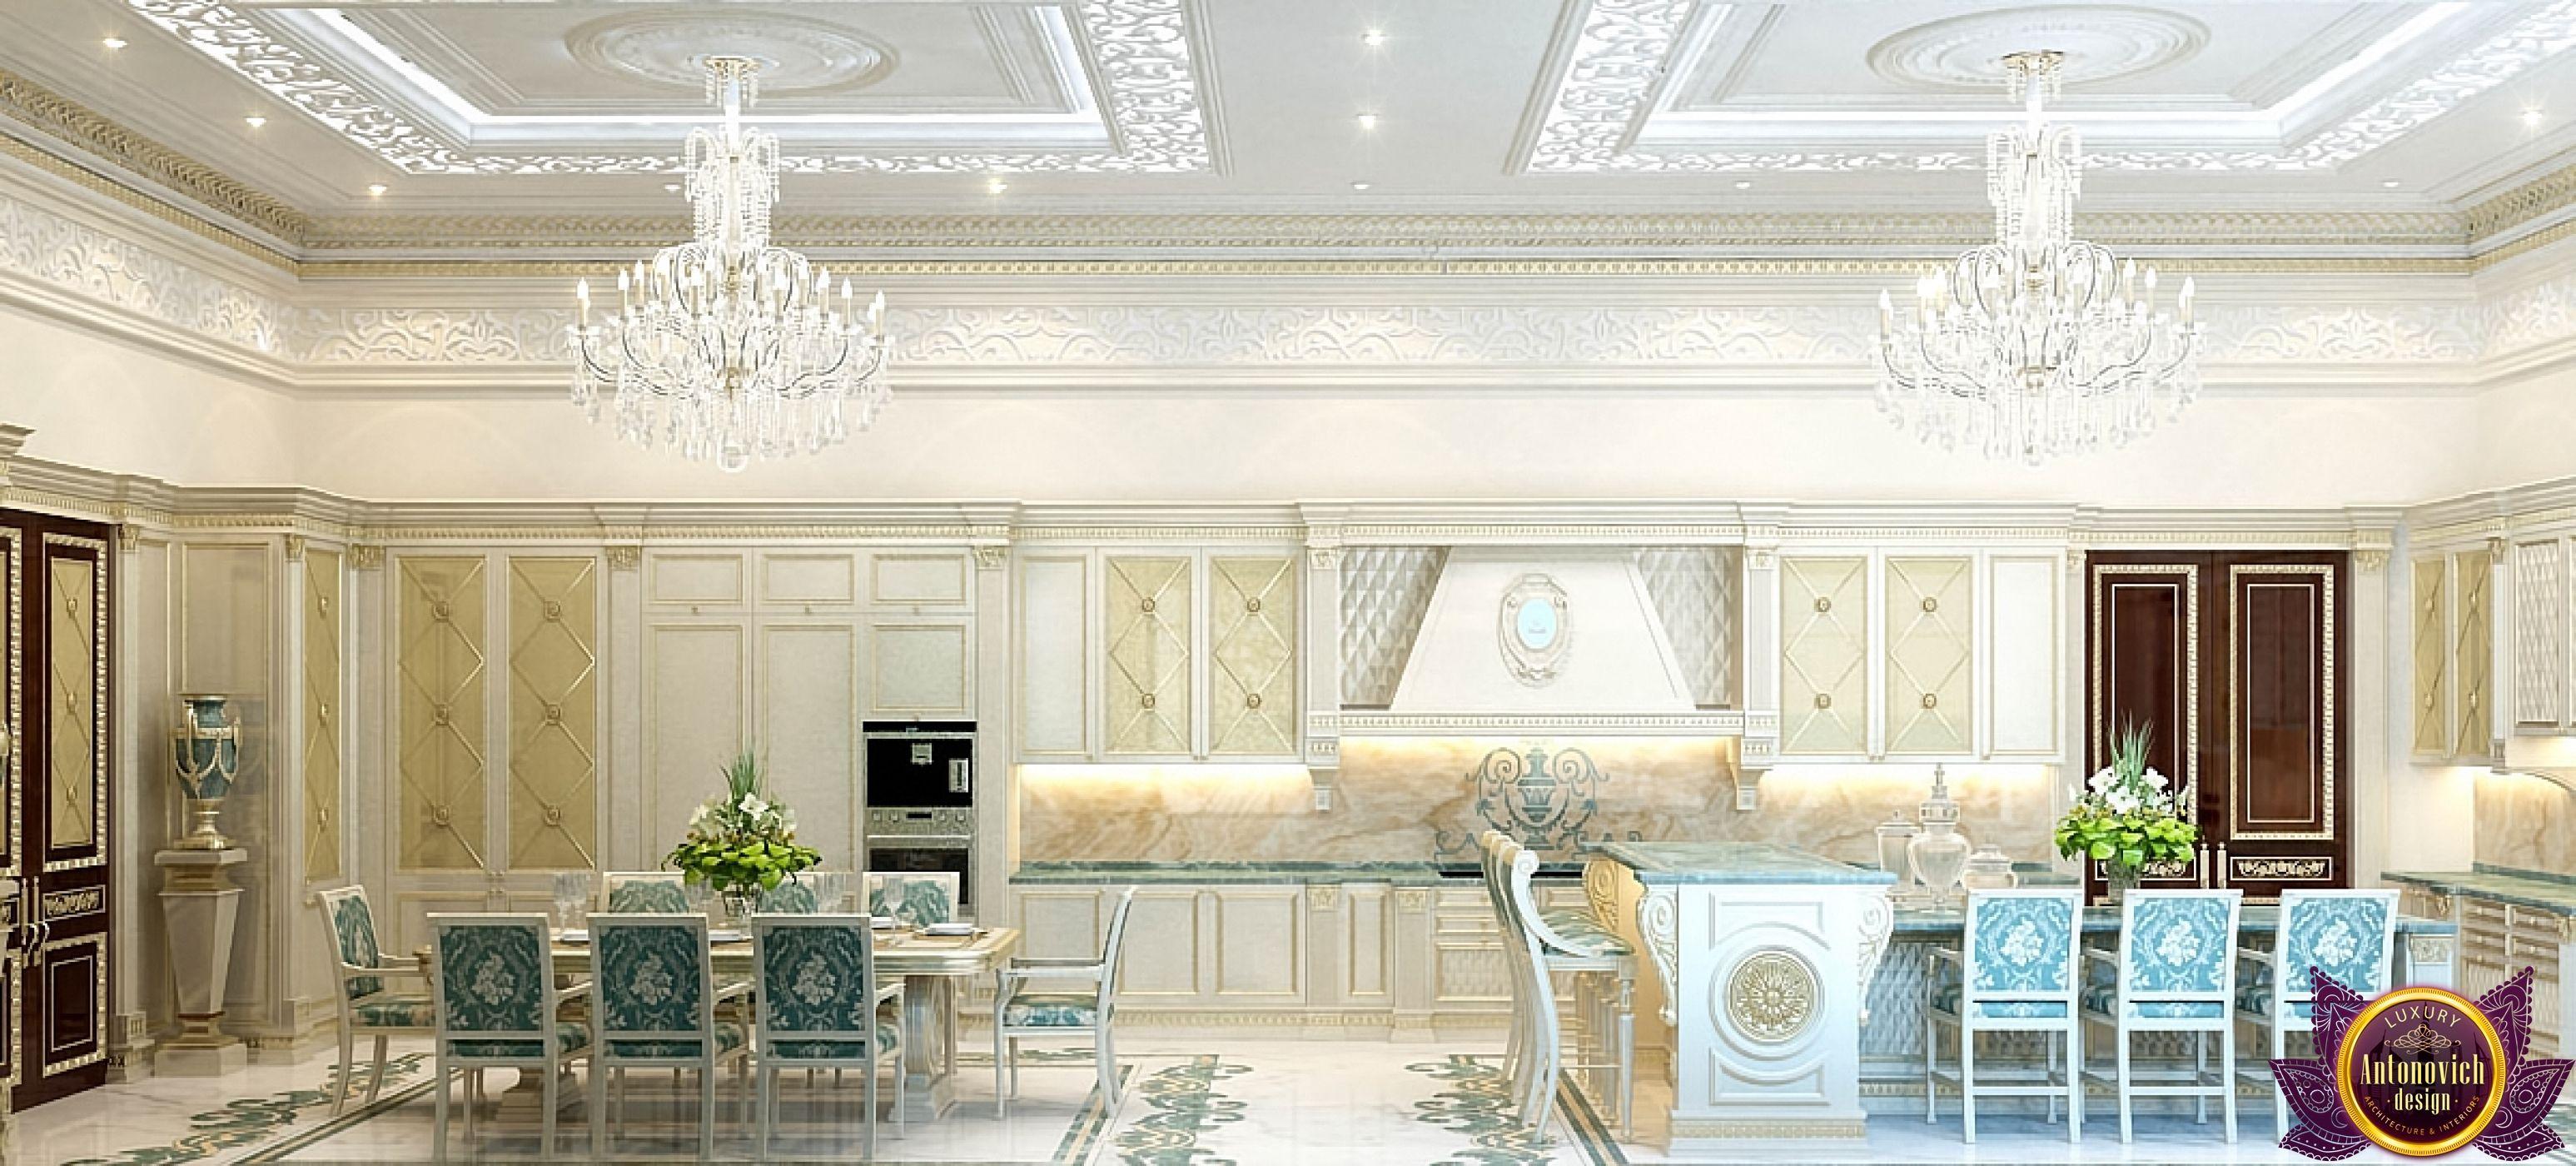 Kitchen Design in Dubai Luxury Kitchen Design 5